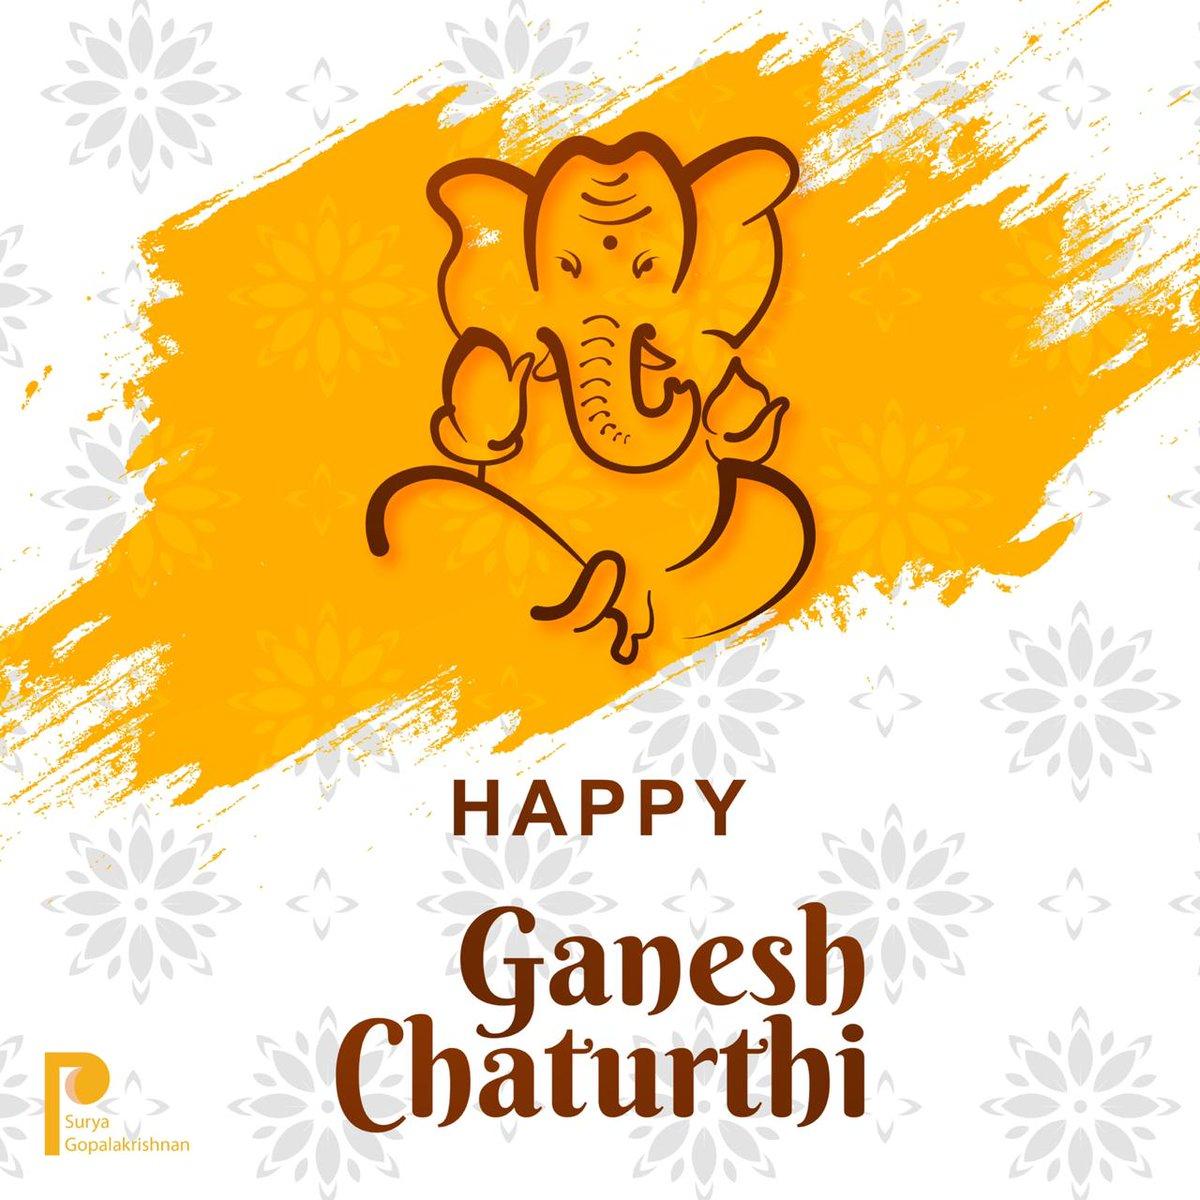 Happy Ganesh chaturthi  #ganeshatattoo #harharmahadev #hindu #ganapatibappamorya #happyganeshchaturthi #mumbaiganeshutsav #bappamaza #god #ganeshvisarjan #indianfestival #ganeshji #gajanan #visarjan #vighnaharta #jaiganesh #hinduism https://t.co/DXXdZf4Y9N